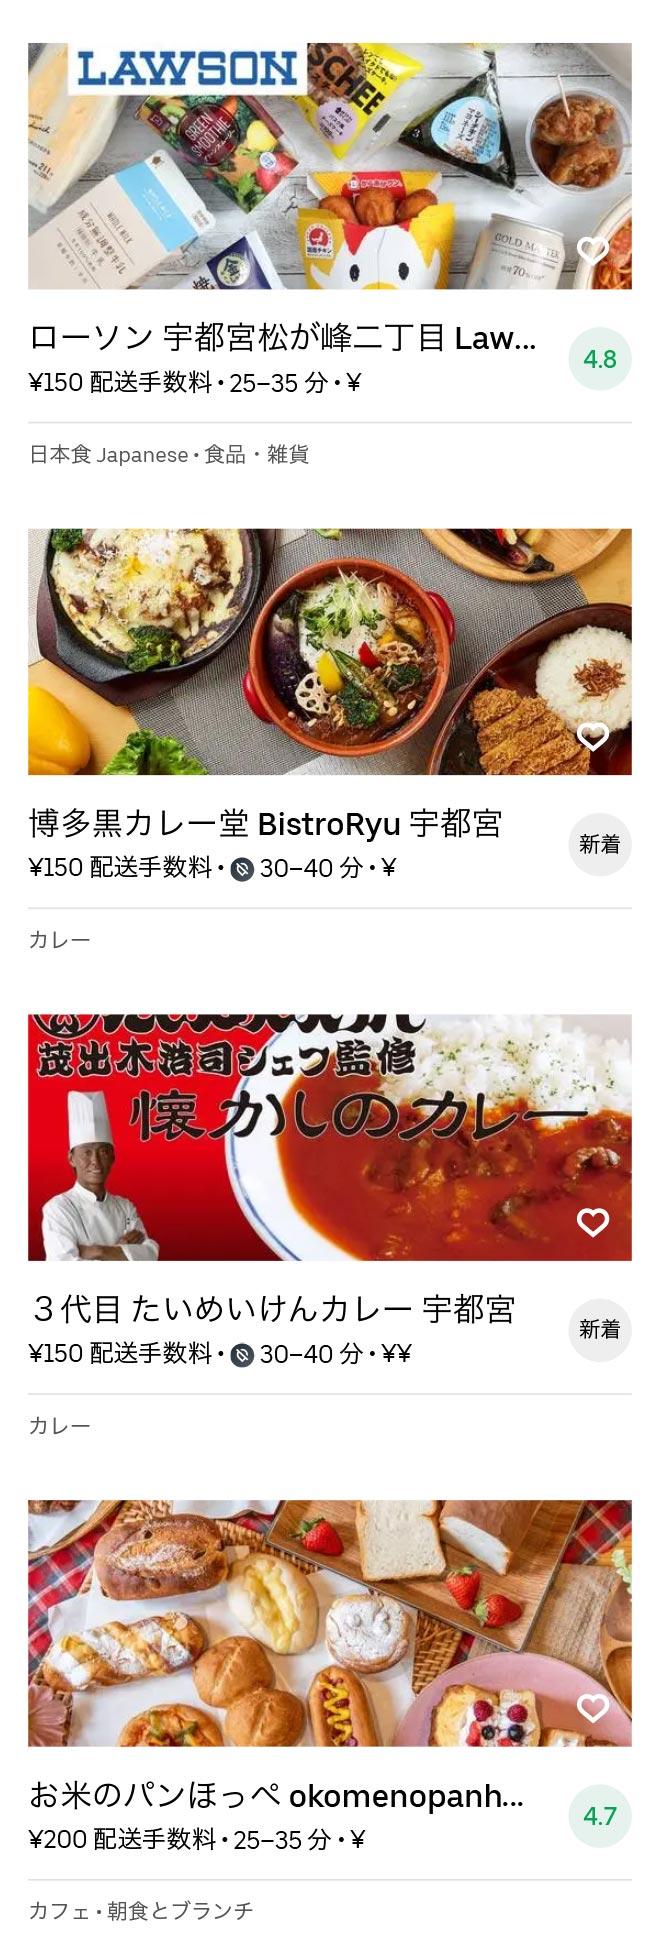 Tsuruta menu 2010 04